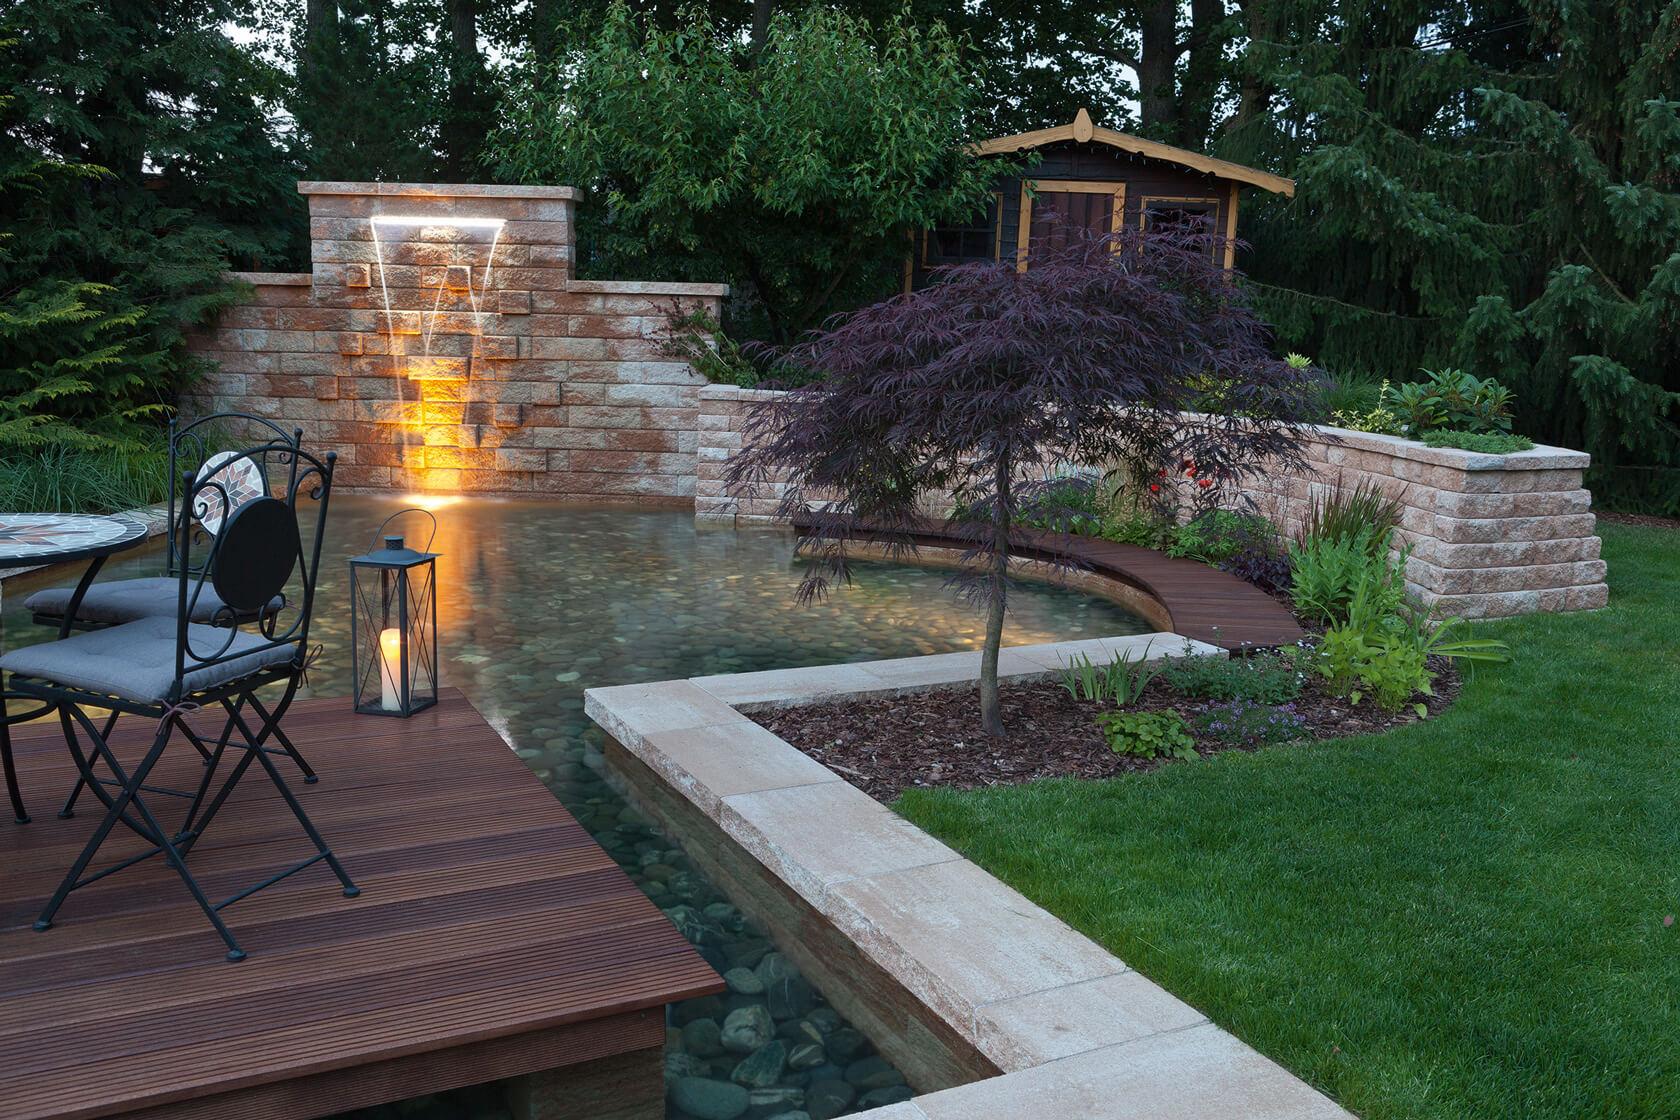 Abendaufnahme der Steinmauer mit Wasserfallschütte und Sitzplatz vor dem angelegten Teich.